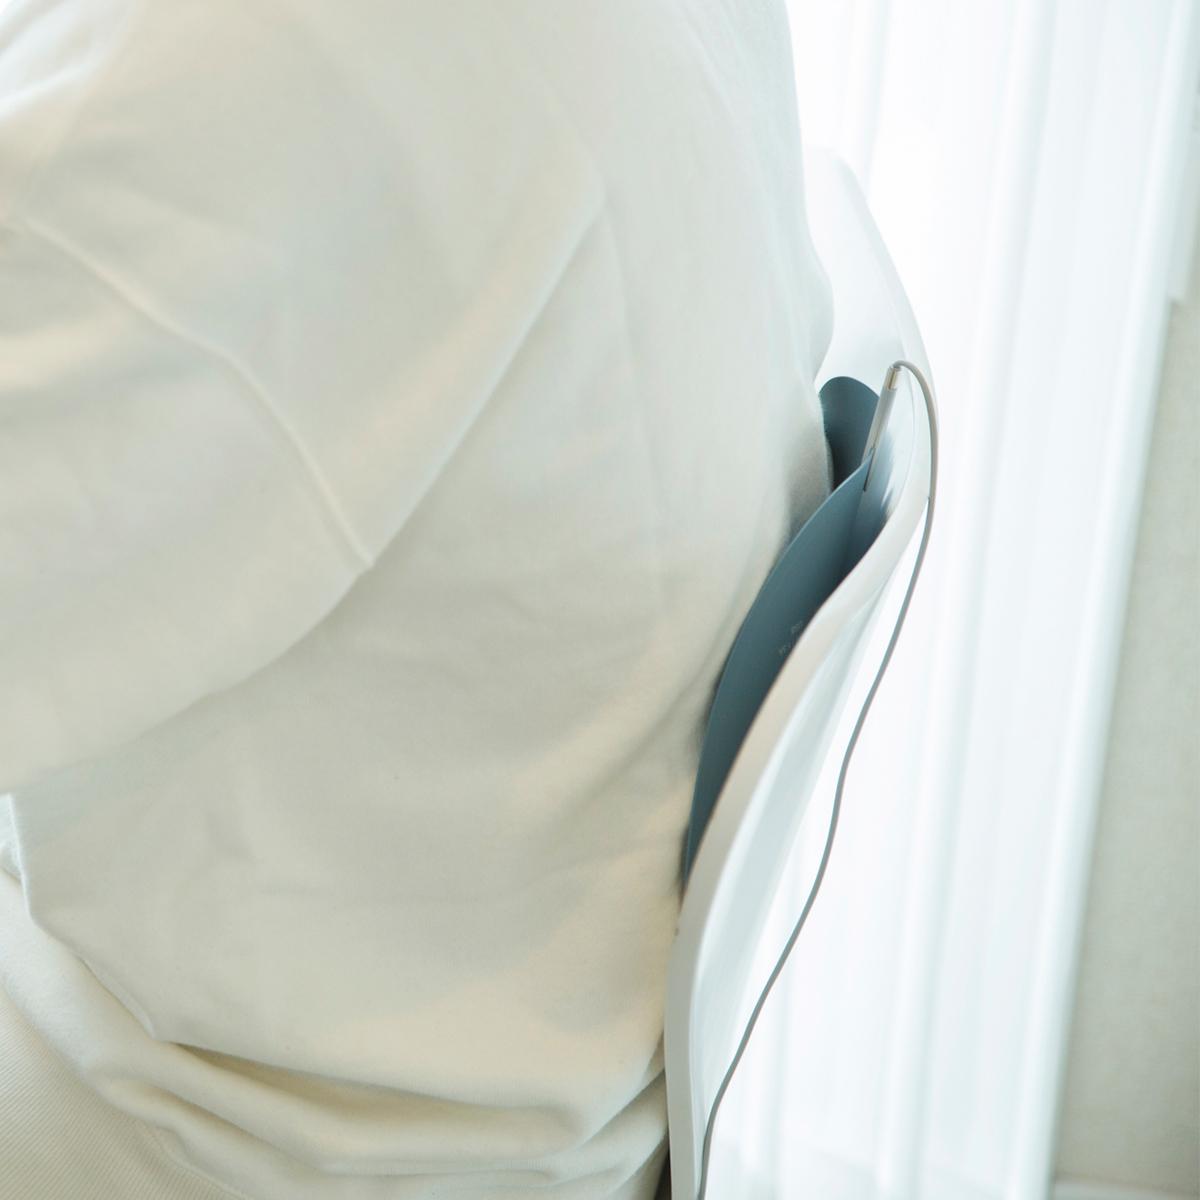 いつものイスで、至福の腰湯気分。オフィス・旅行・アウトドアに!開発に10年かけた、インクで安全発熱するシート型ヒーター「USB式温熱マット」|INKO(インコ)